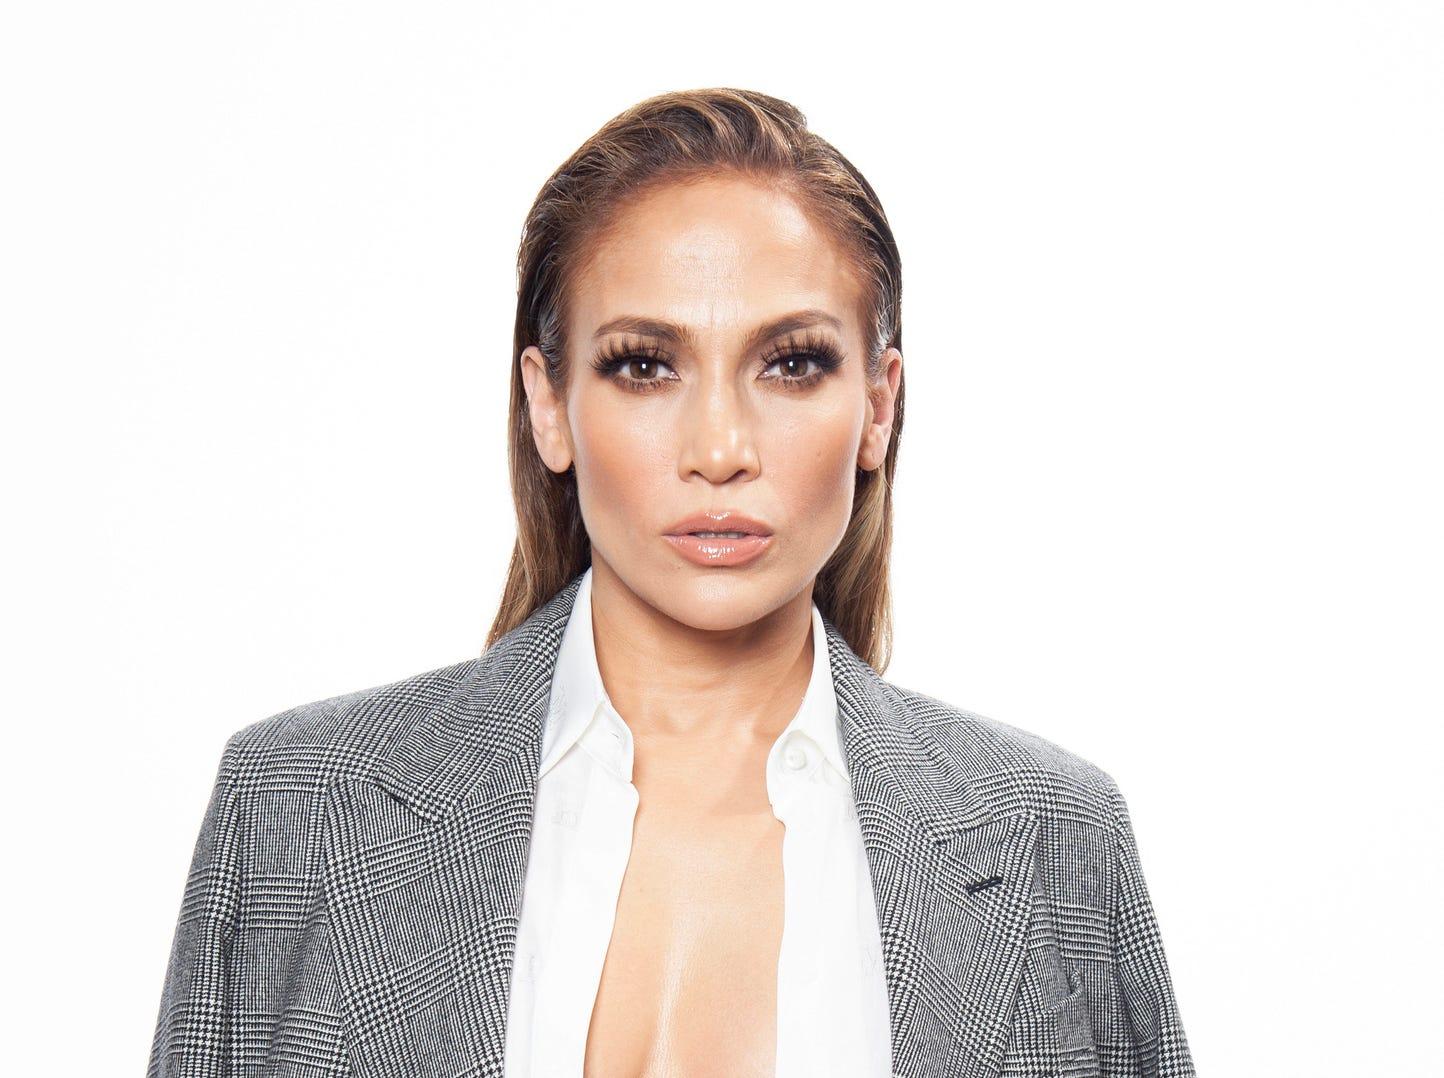 Jennifer Lopez turns 50 on July 24.